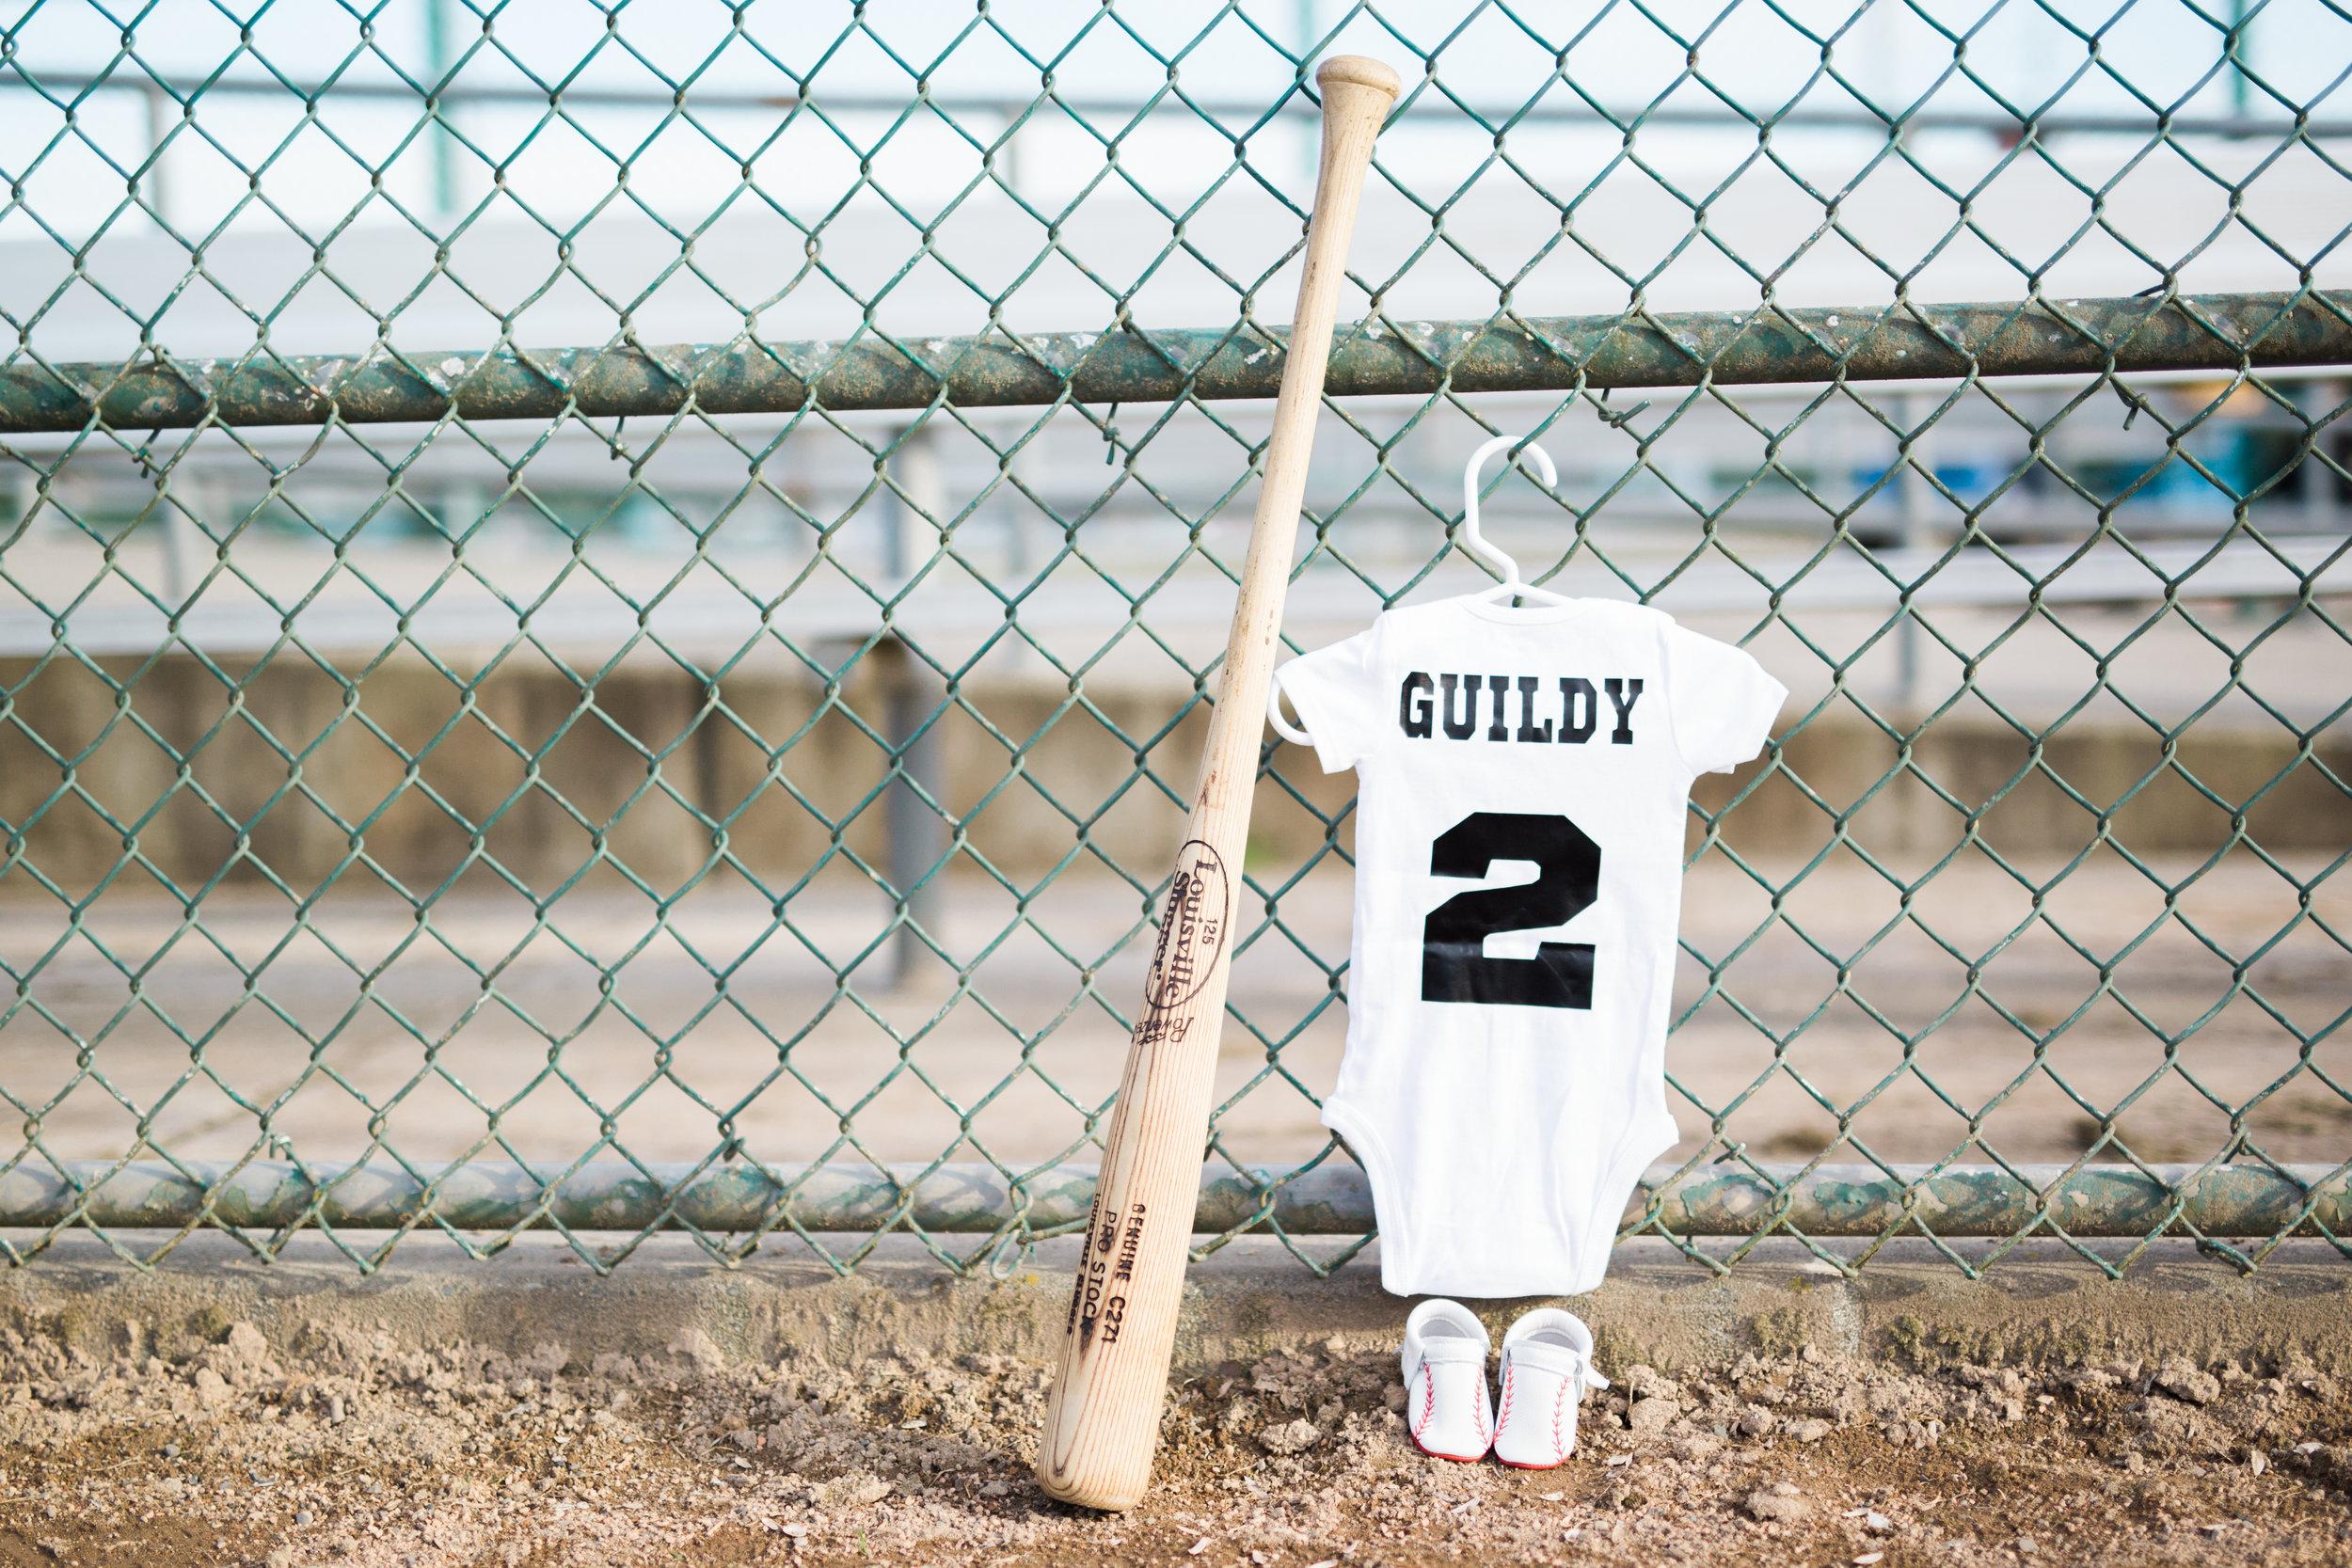 Guildy2-25.JPG